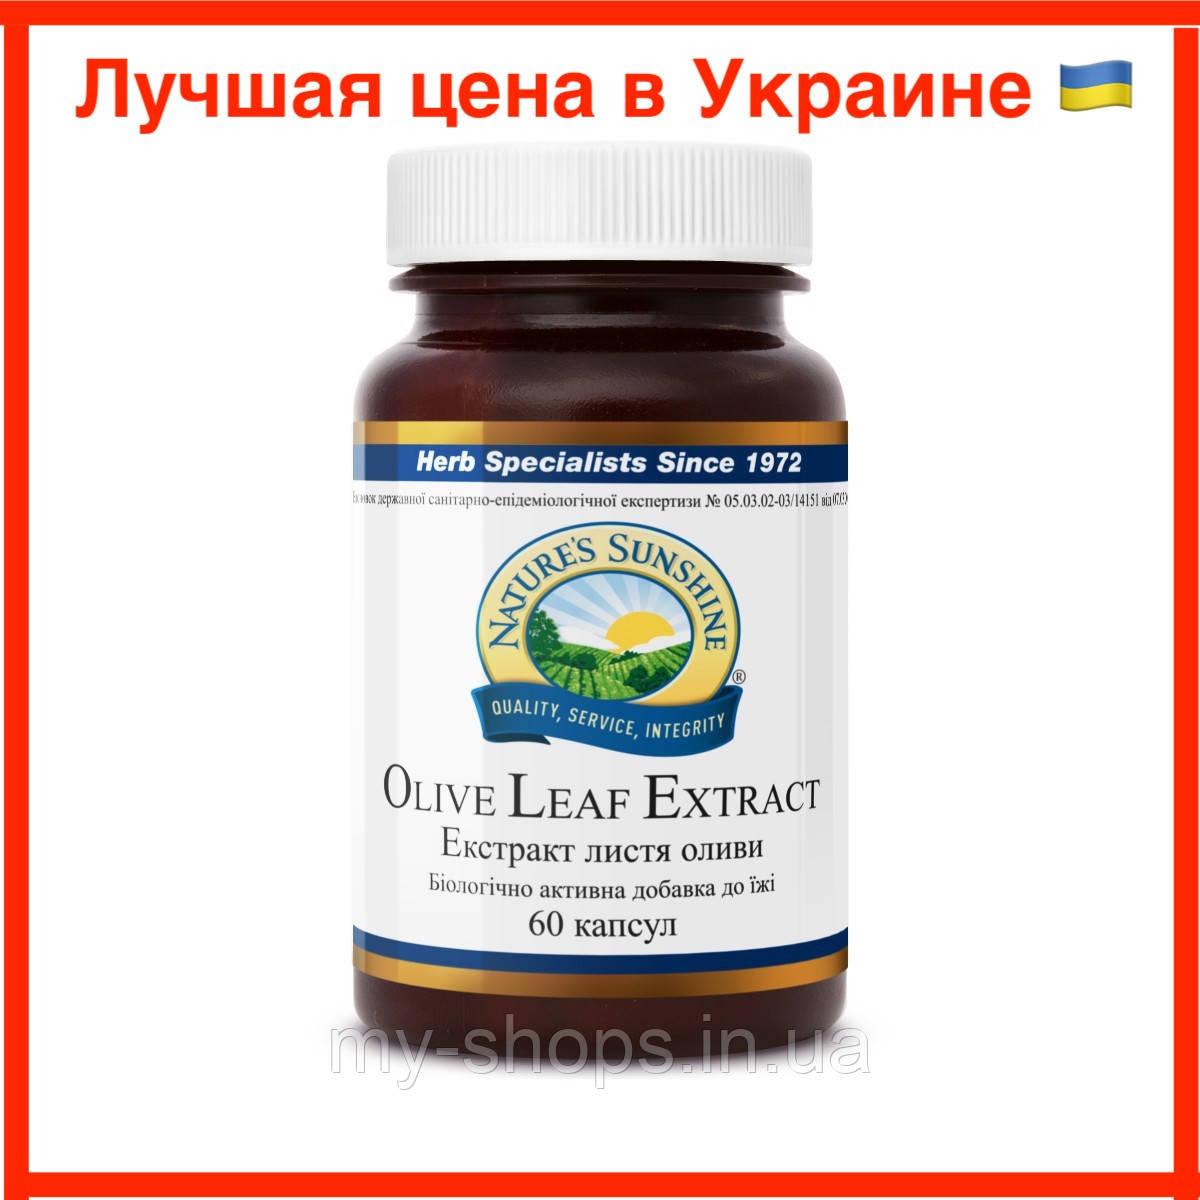 Экстракт листьев оливы, Nsp. Olive Leaf Extract Экстракт Листьев Оливы НСП. Натуральная Биодобавка